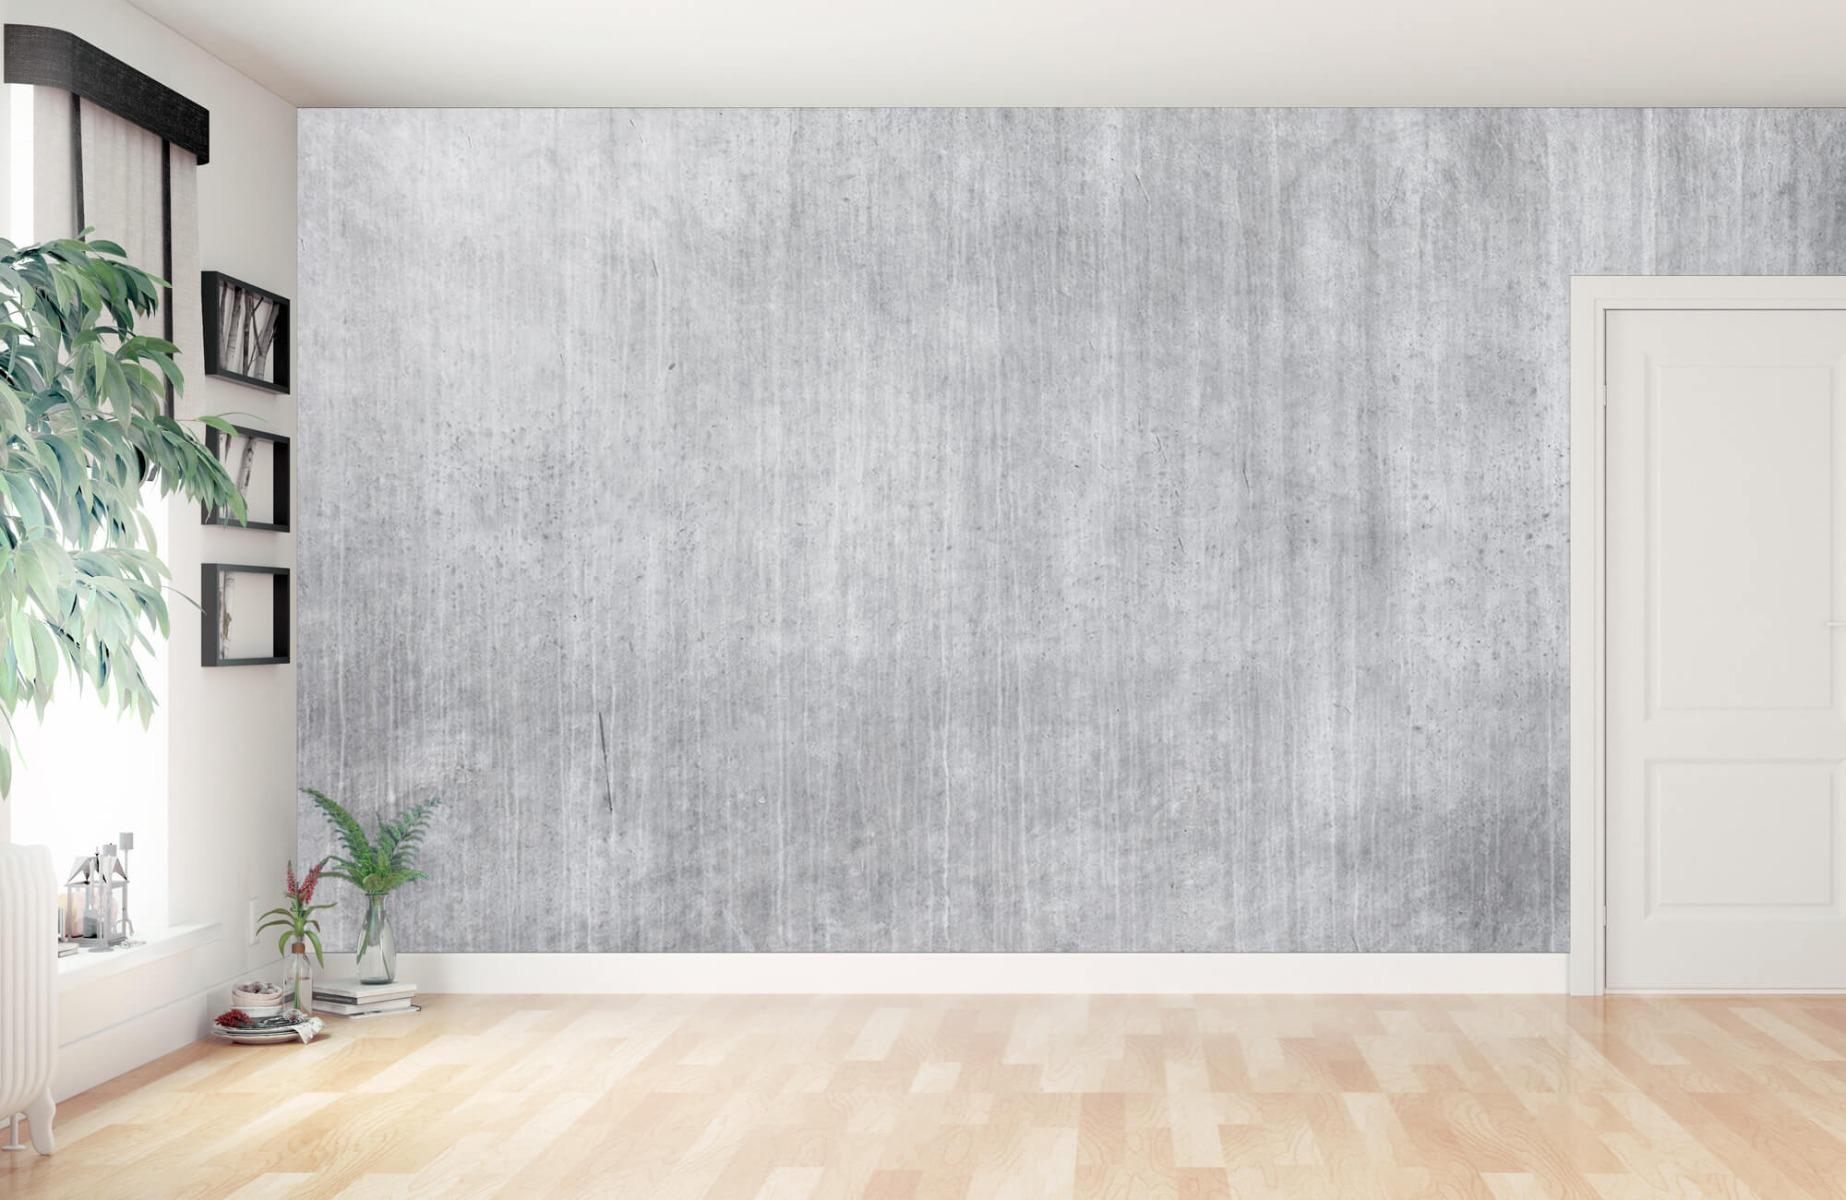 Betonlook behang - Beton met strepen - Wallexclusive - Slaapkamer 2